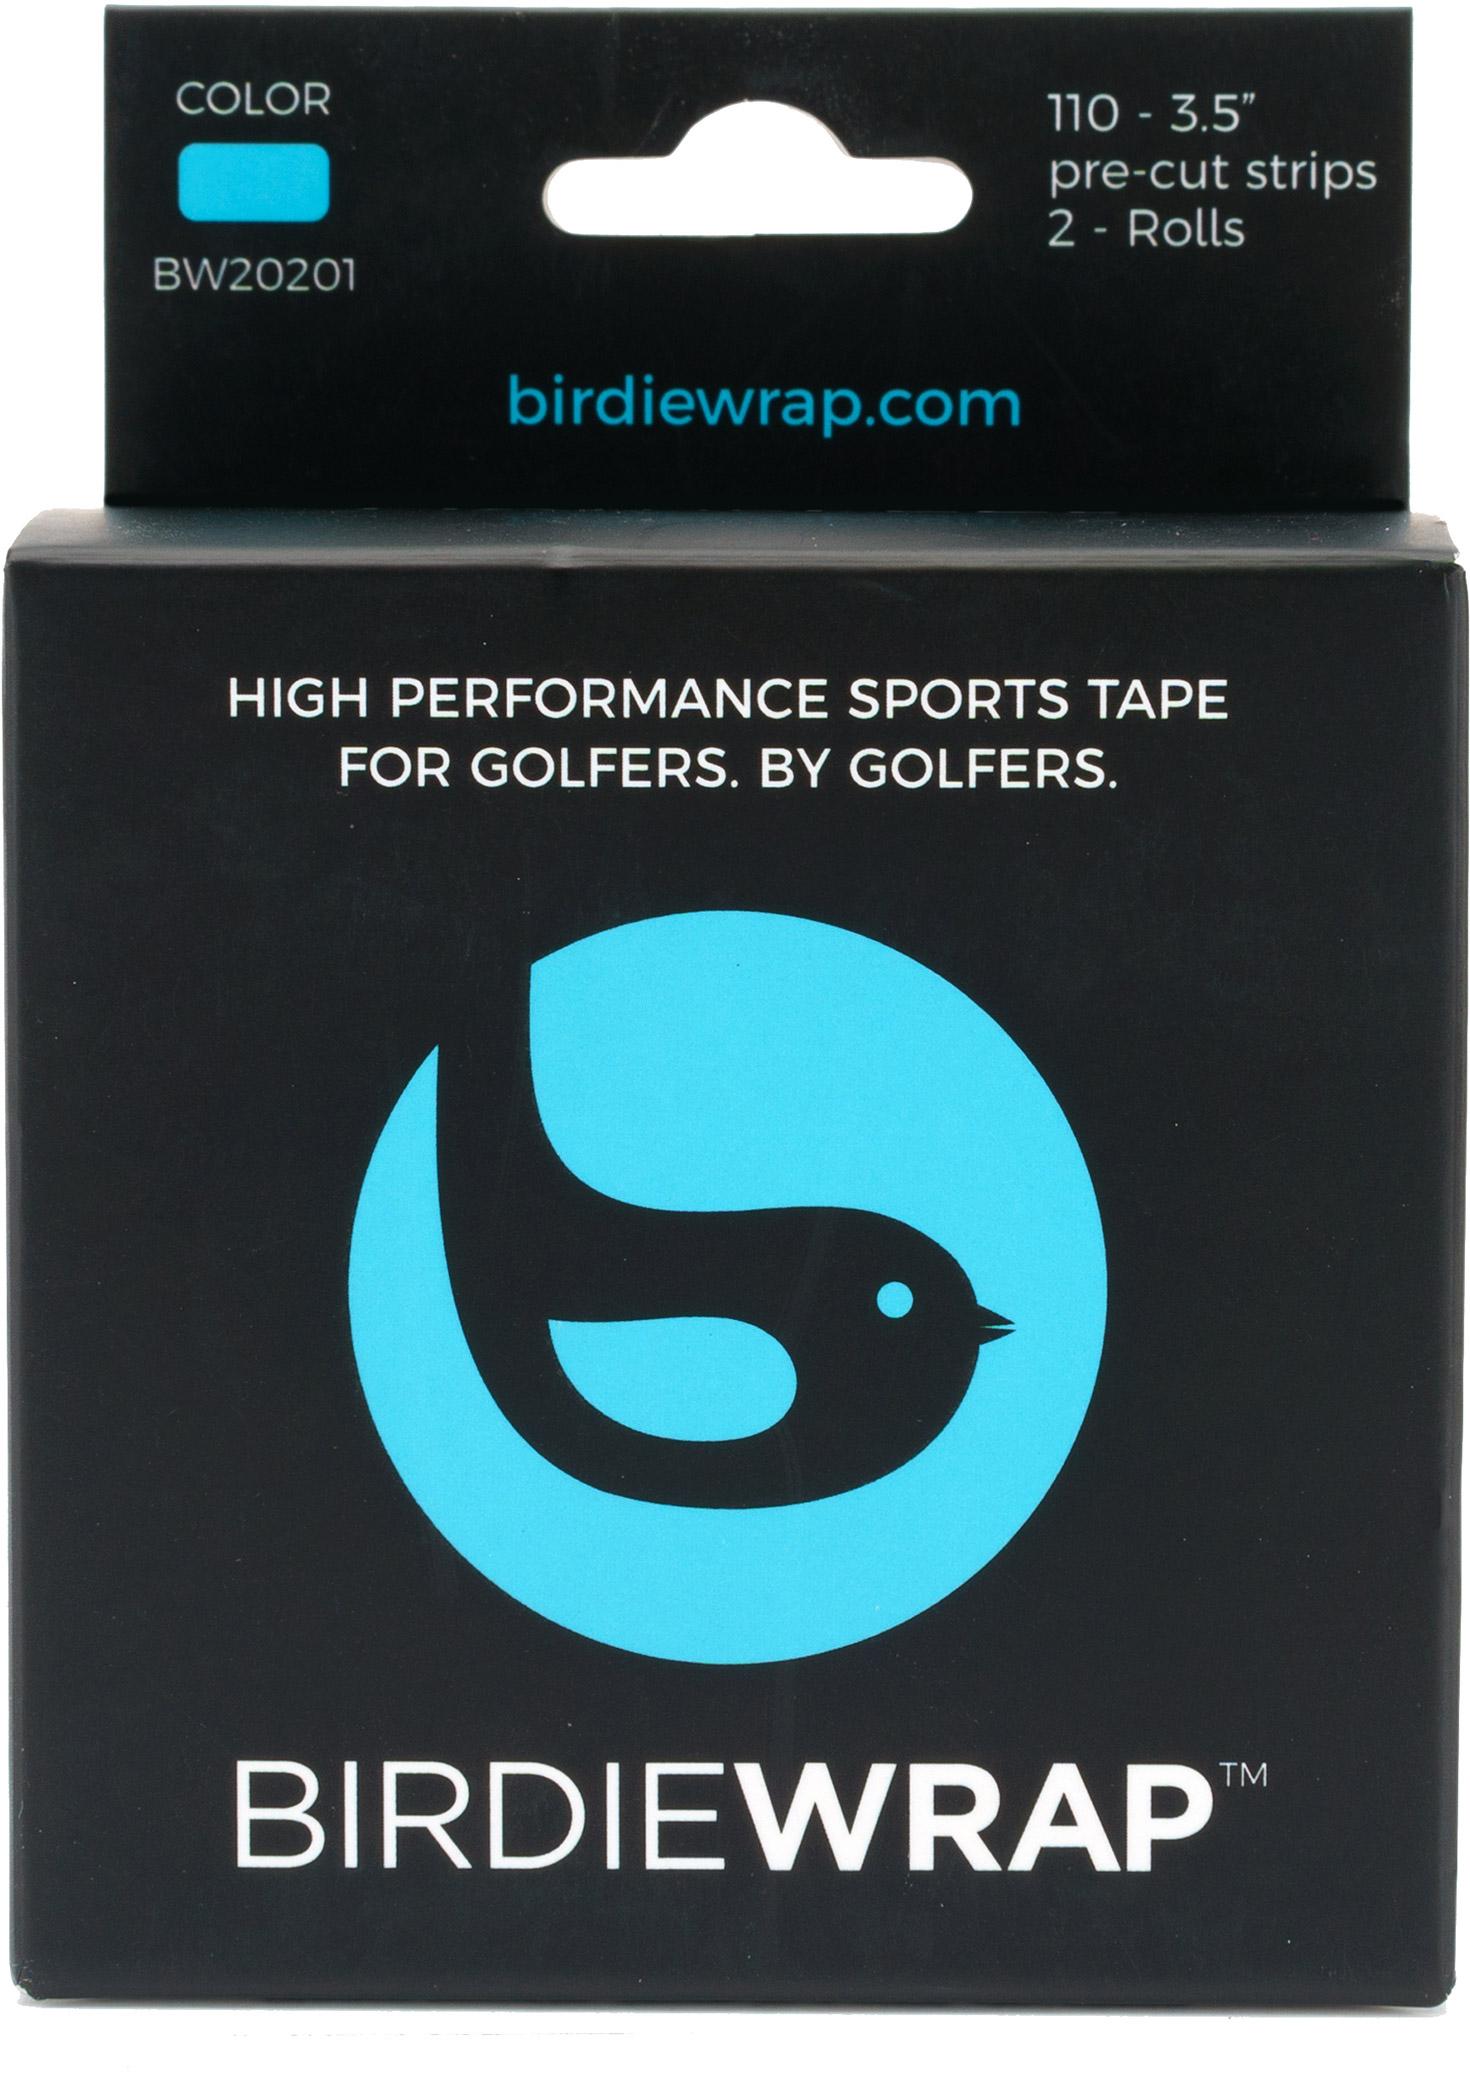 BirdieWrap Box